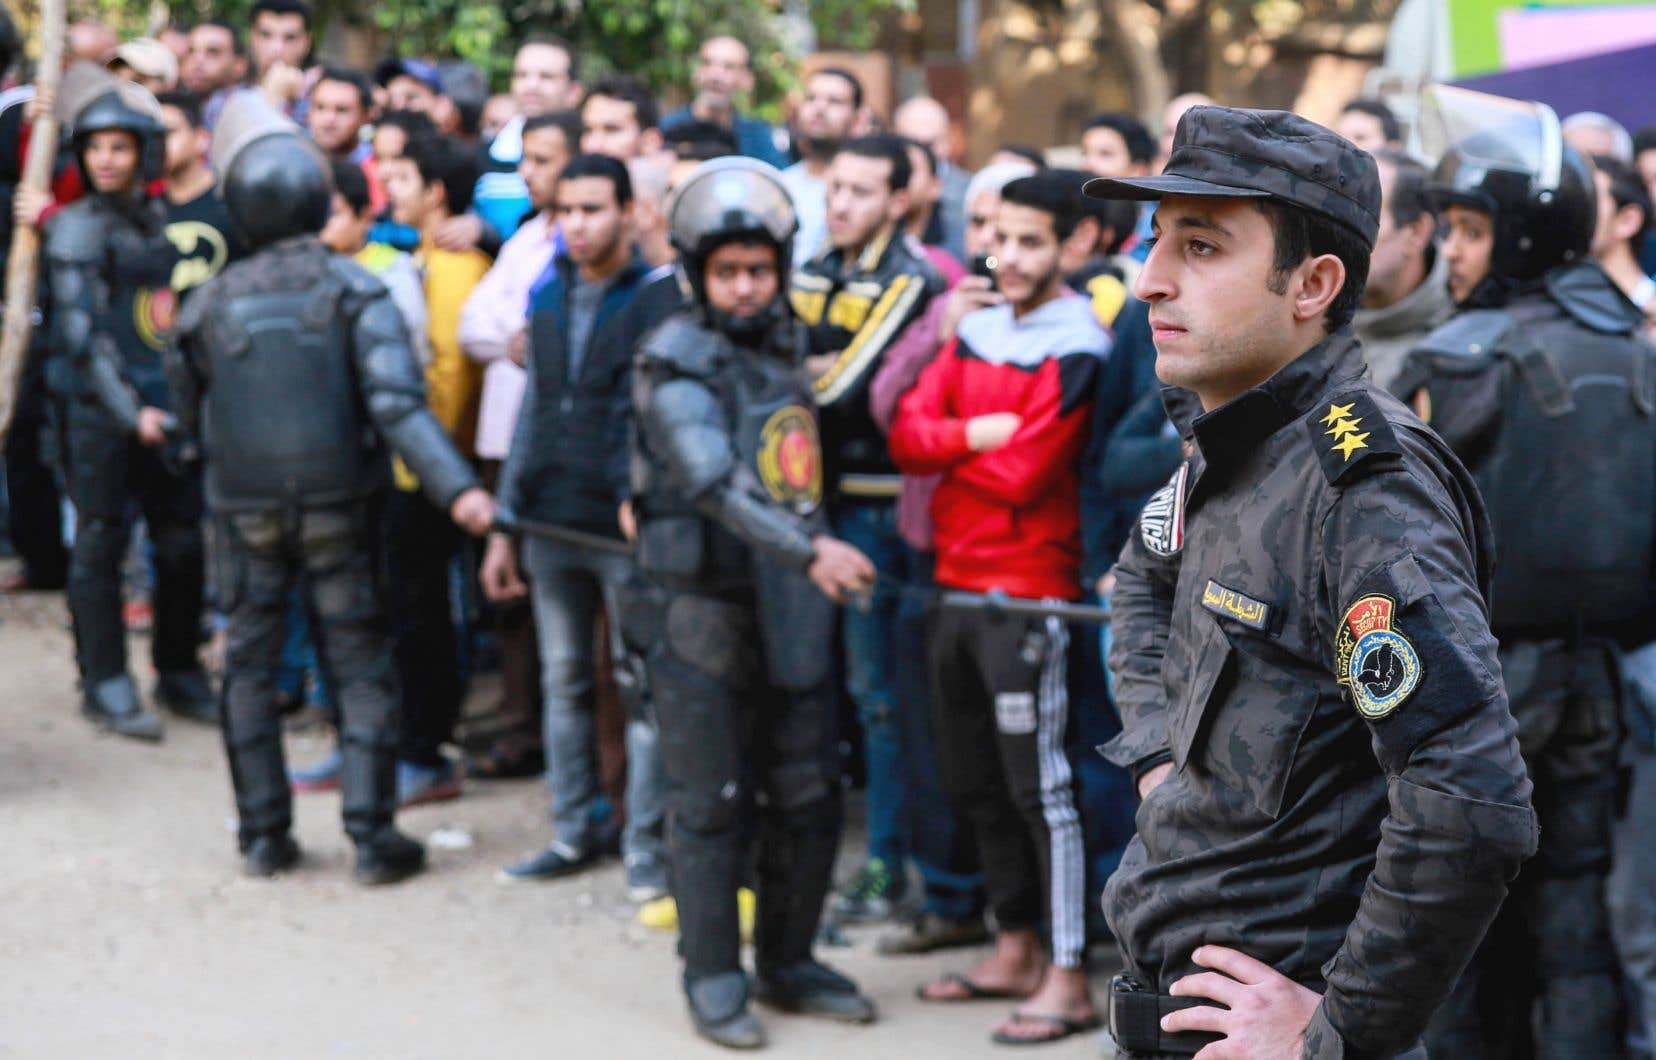 Des policiers égyptiens ont formé un cordon de sécurité à la suite de l'attaque au Caire.